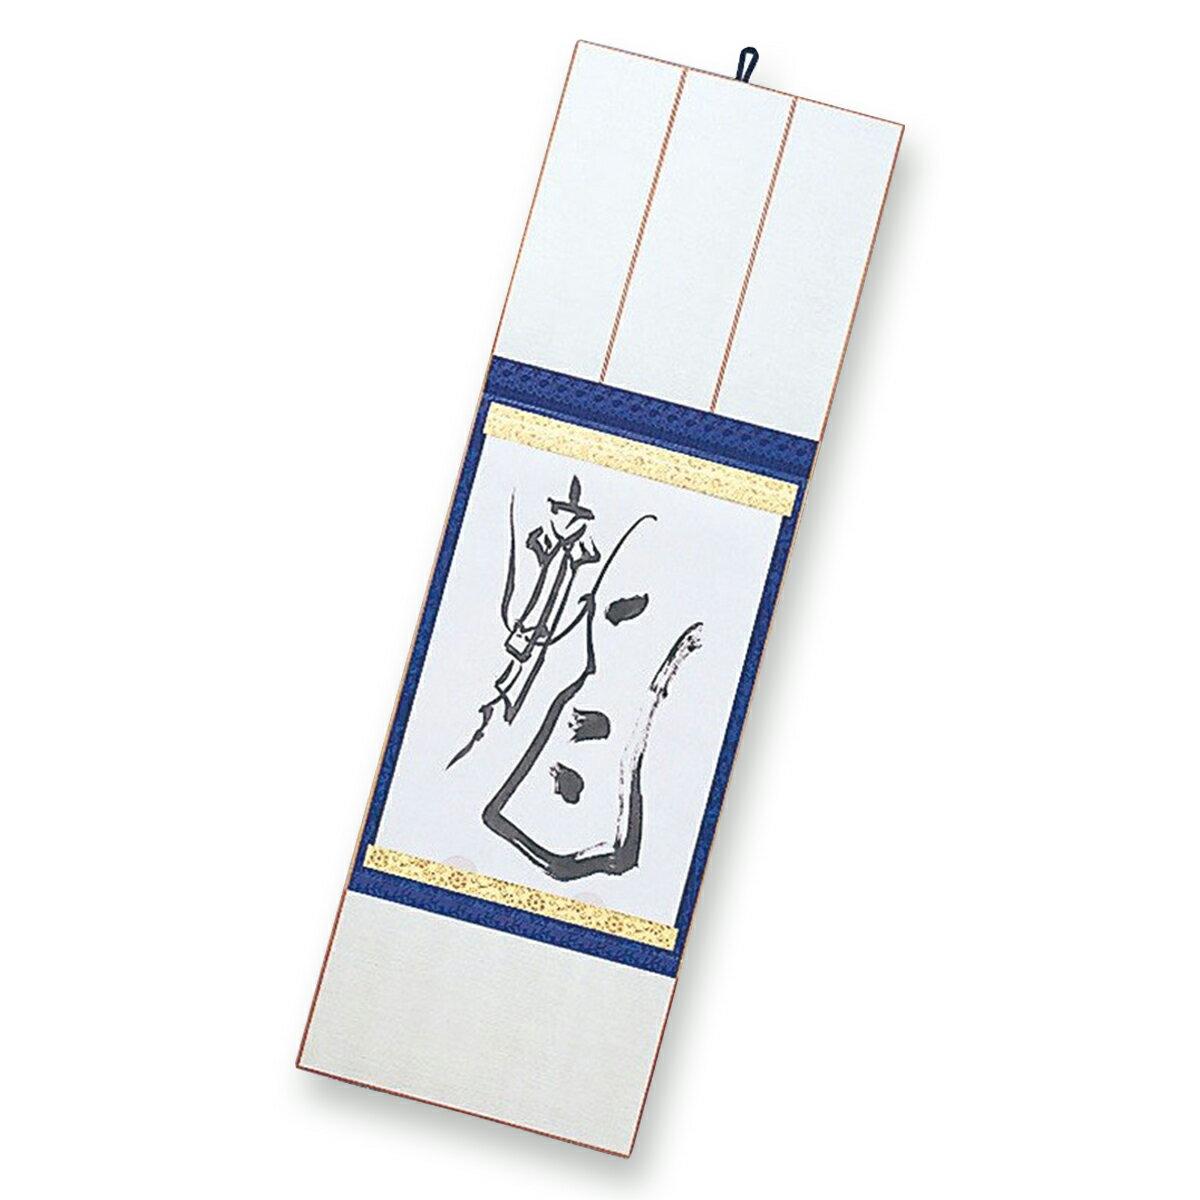 美術出版エデュケーショナル『半紙装三つ折掛軸たとう紺(01-4700)』